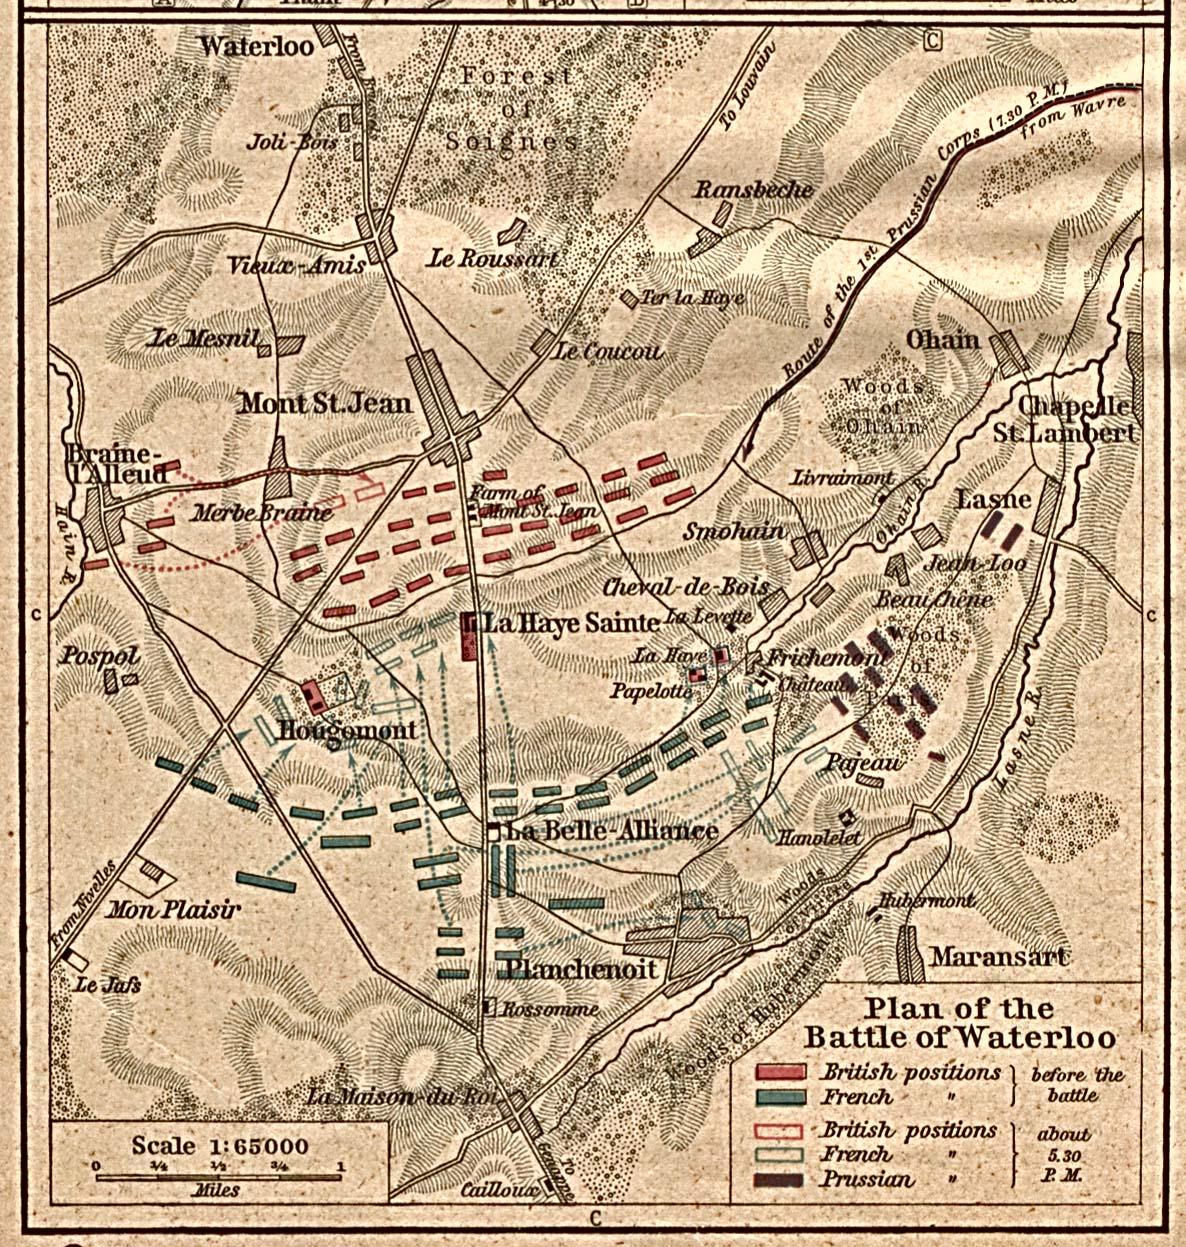 Plano de la Batalla de Waterloo